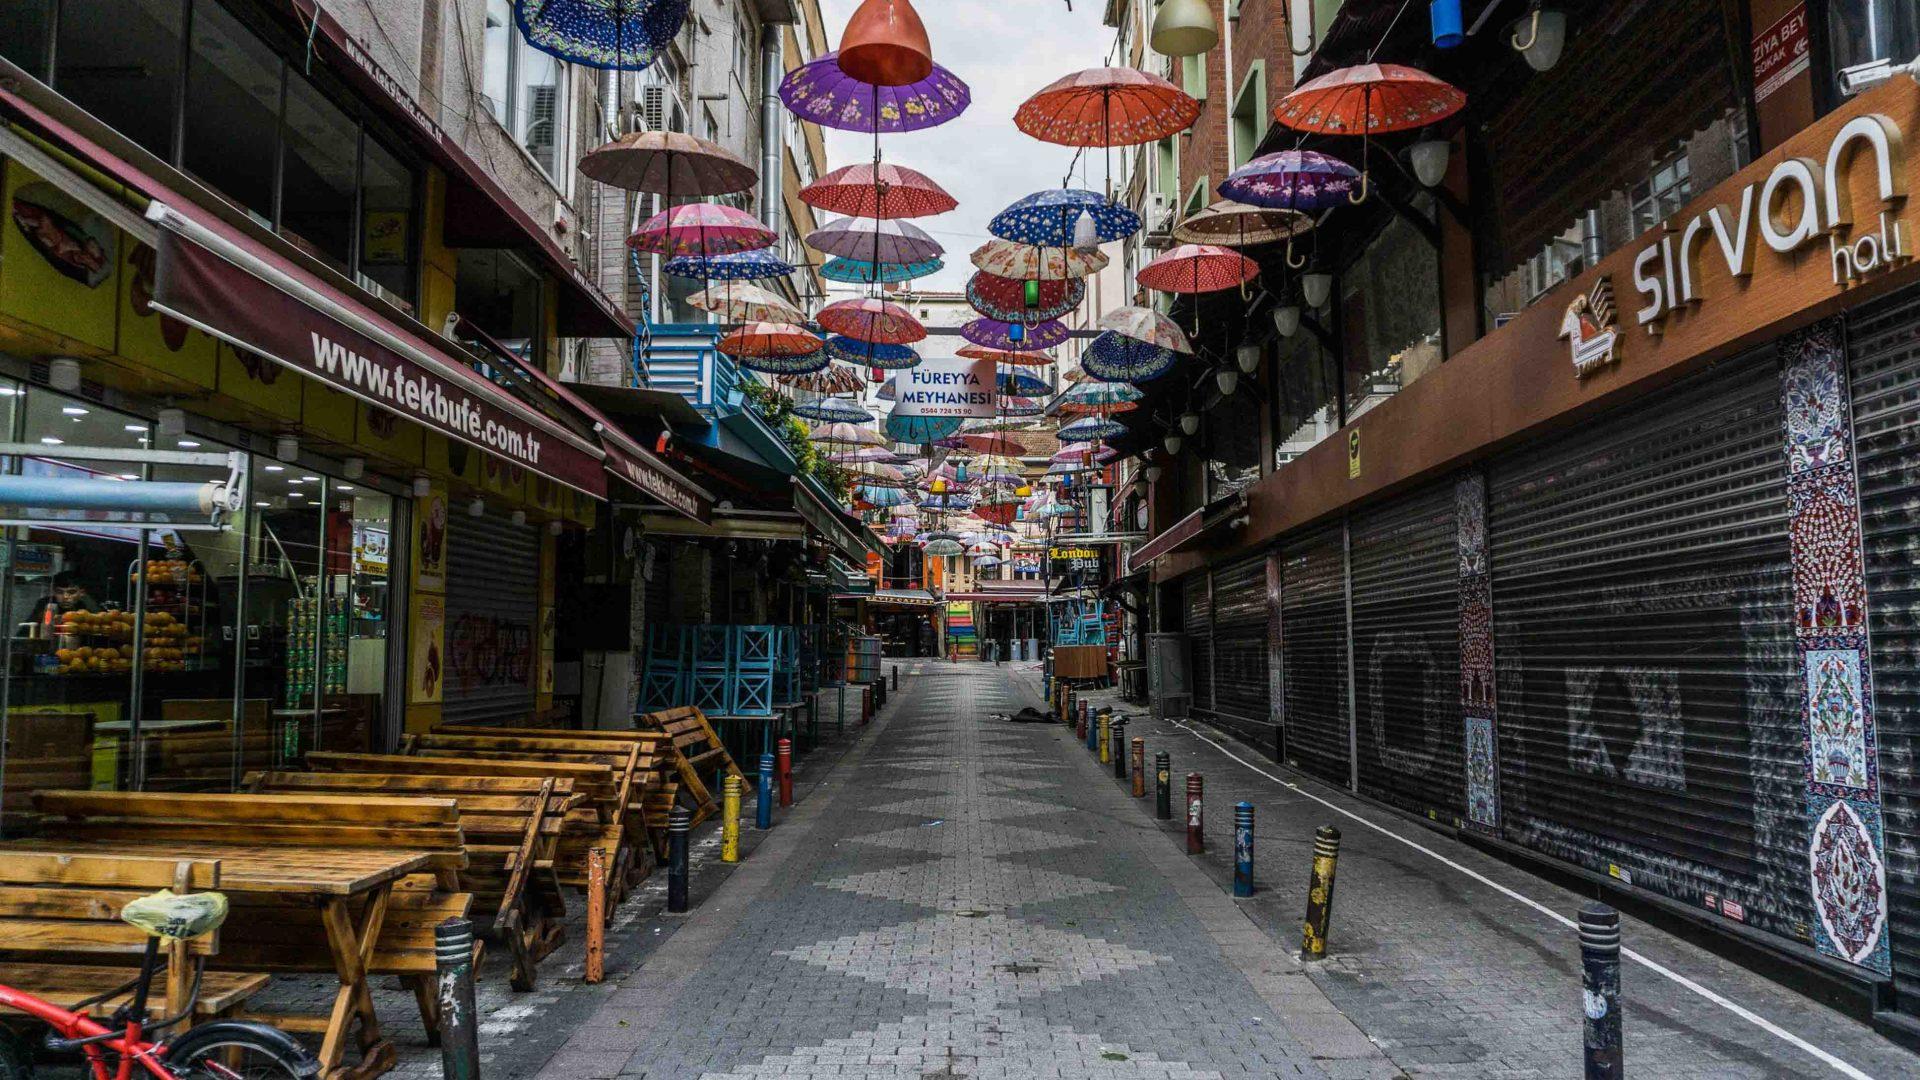 Ziya Bey sokak (street) in Kadikoy.